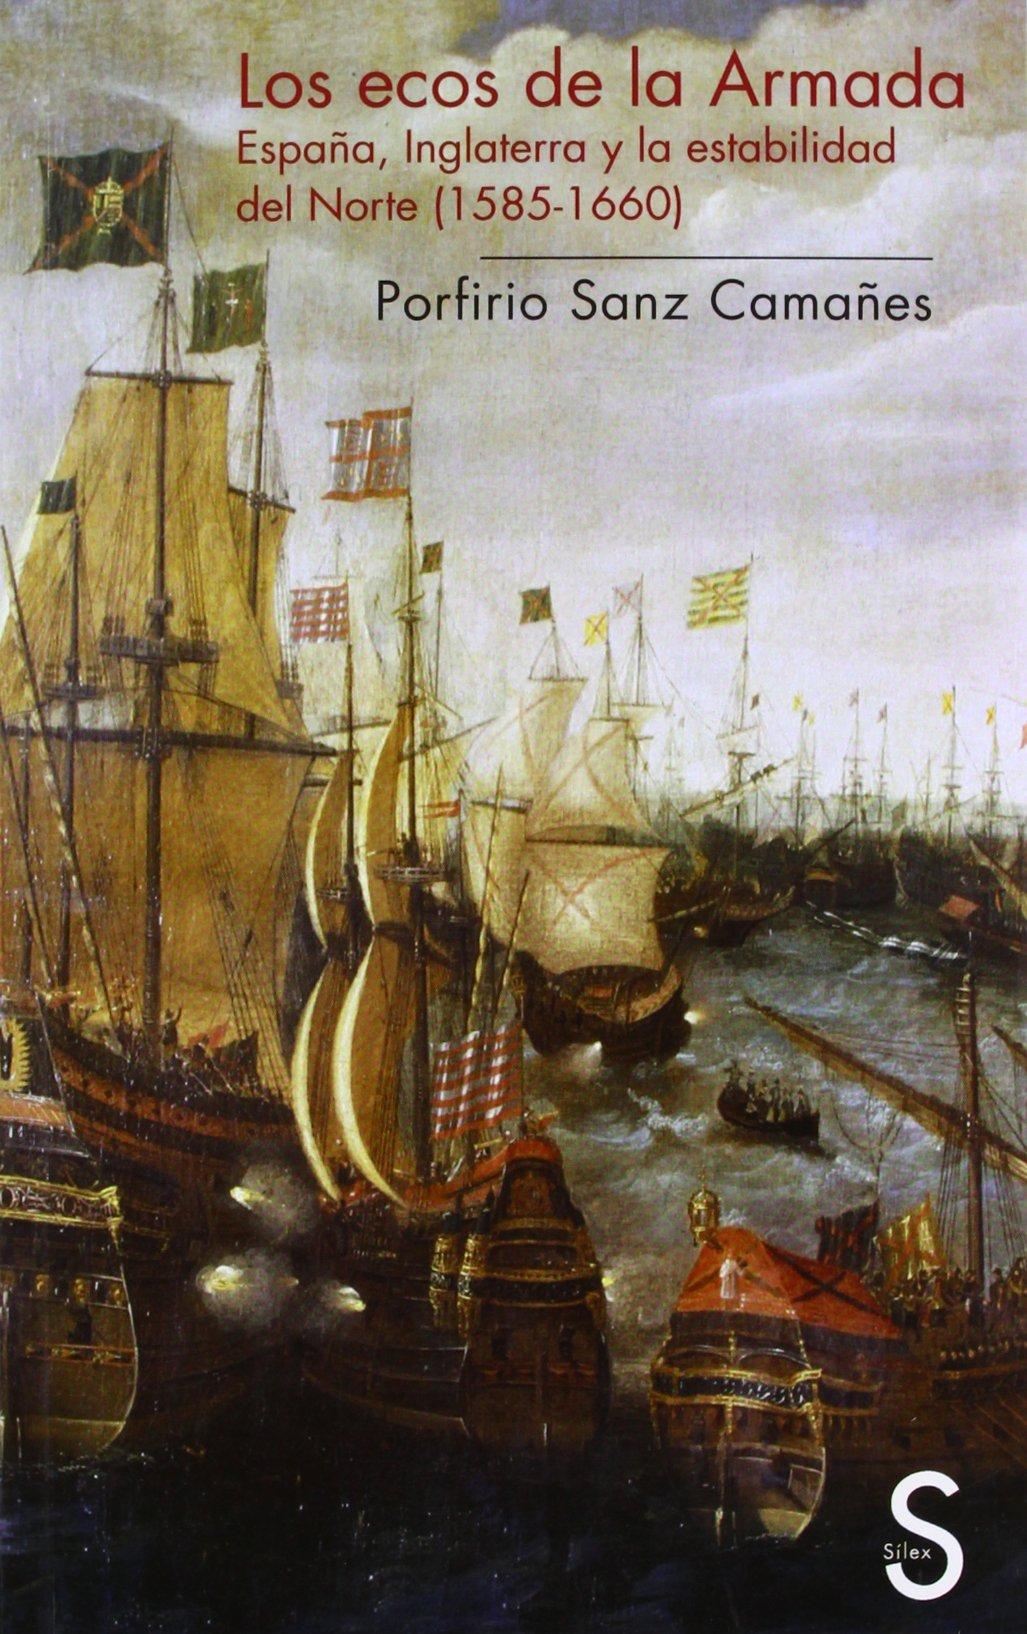 Los ecos de la Armada: España, Inglaterra y la estabilidad del ...